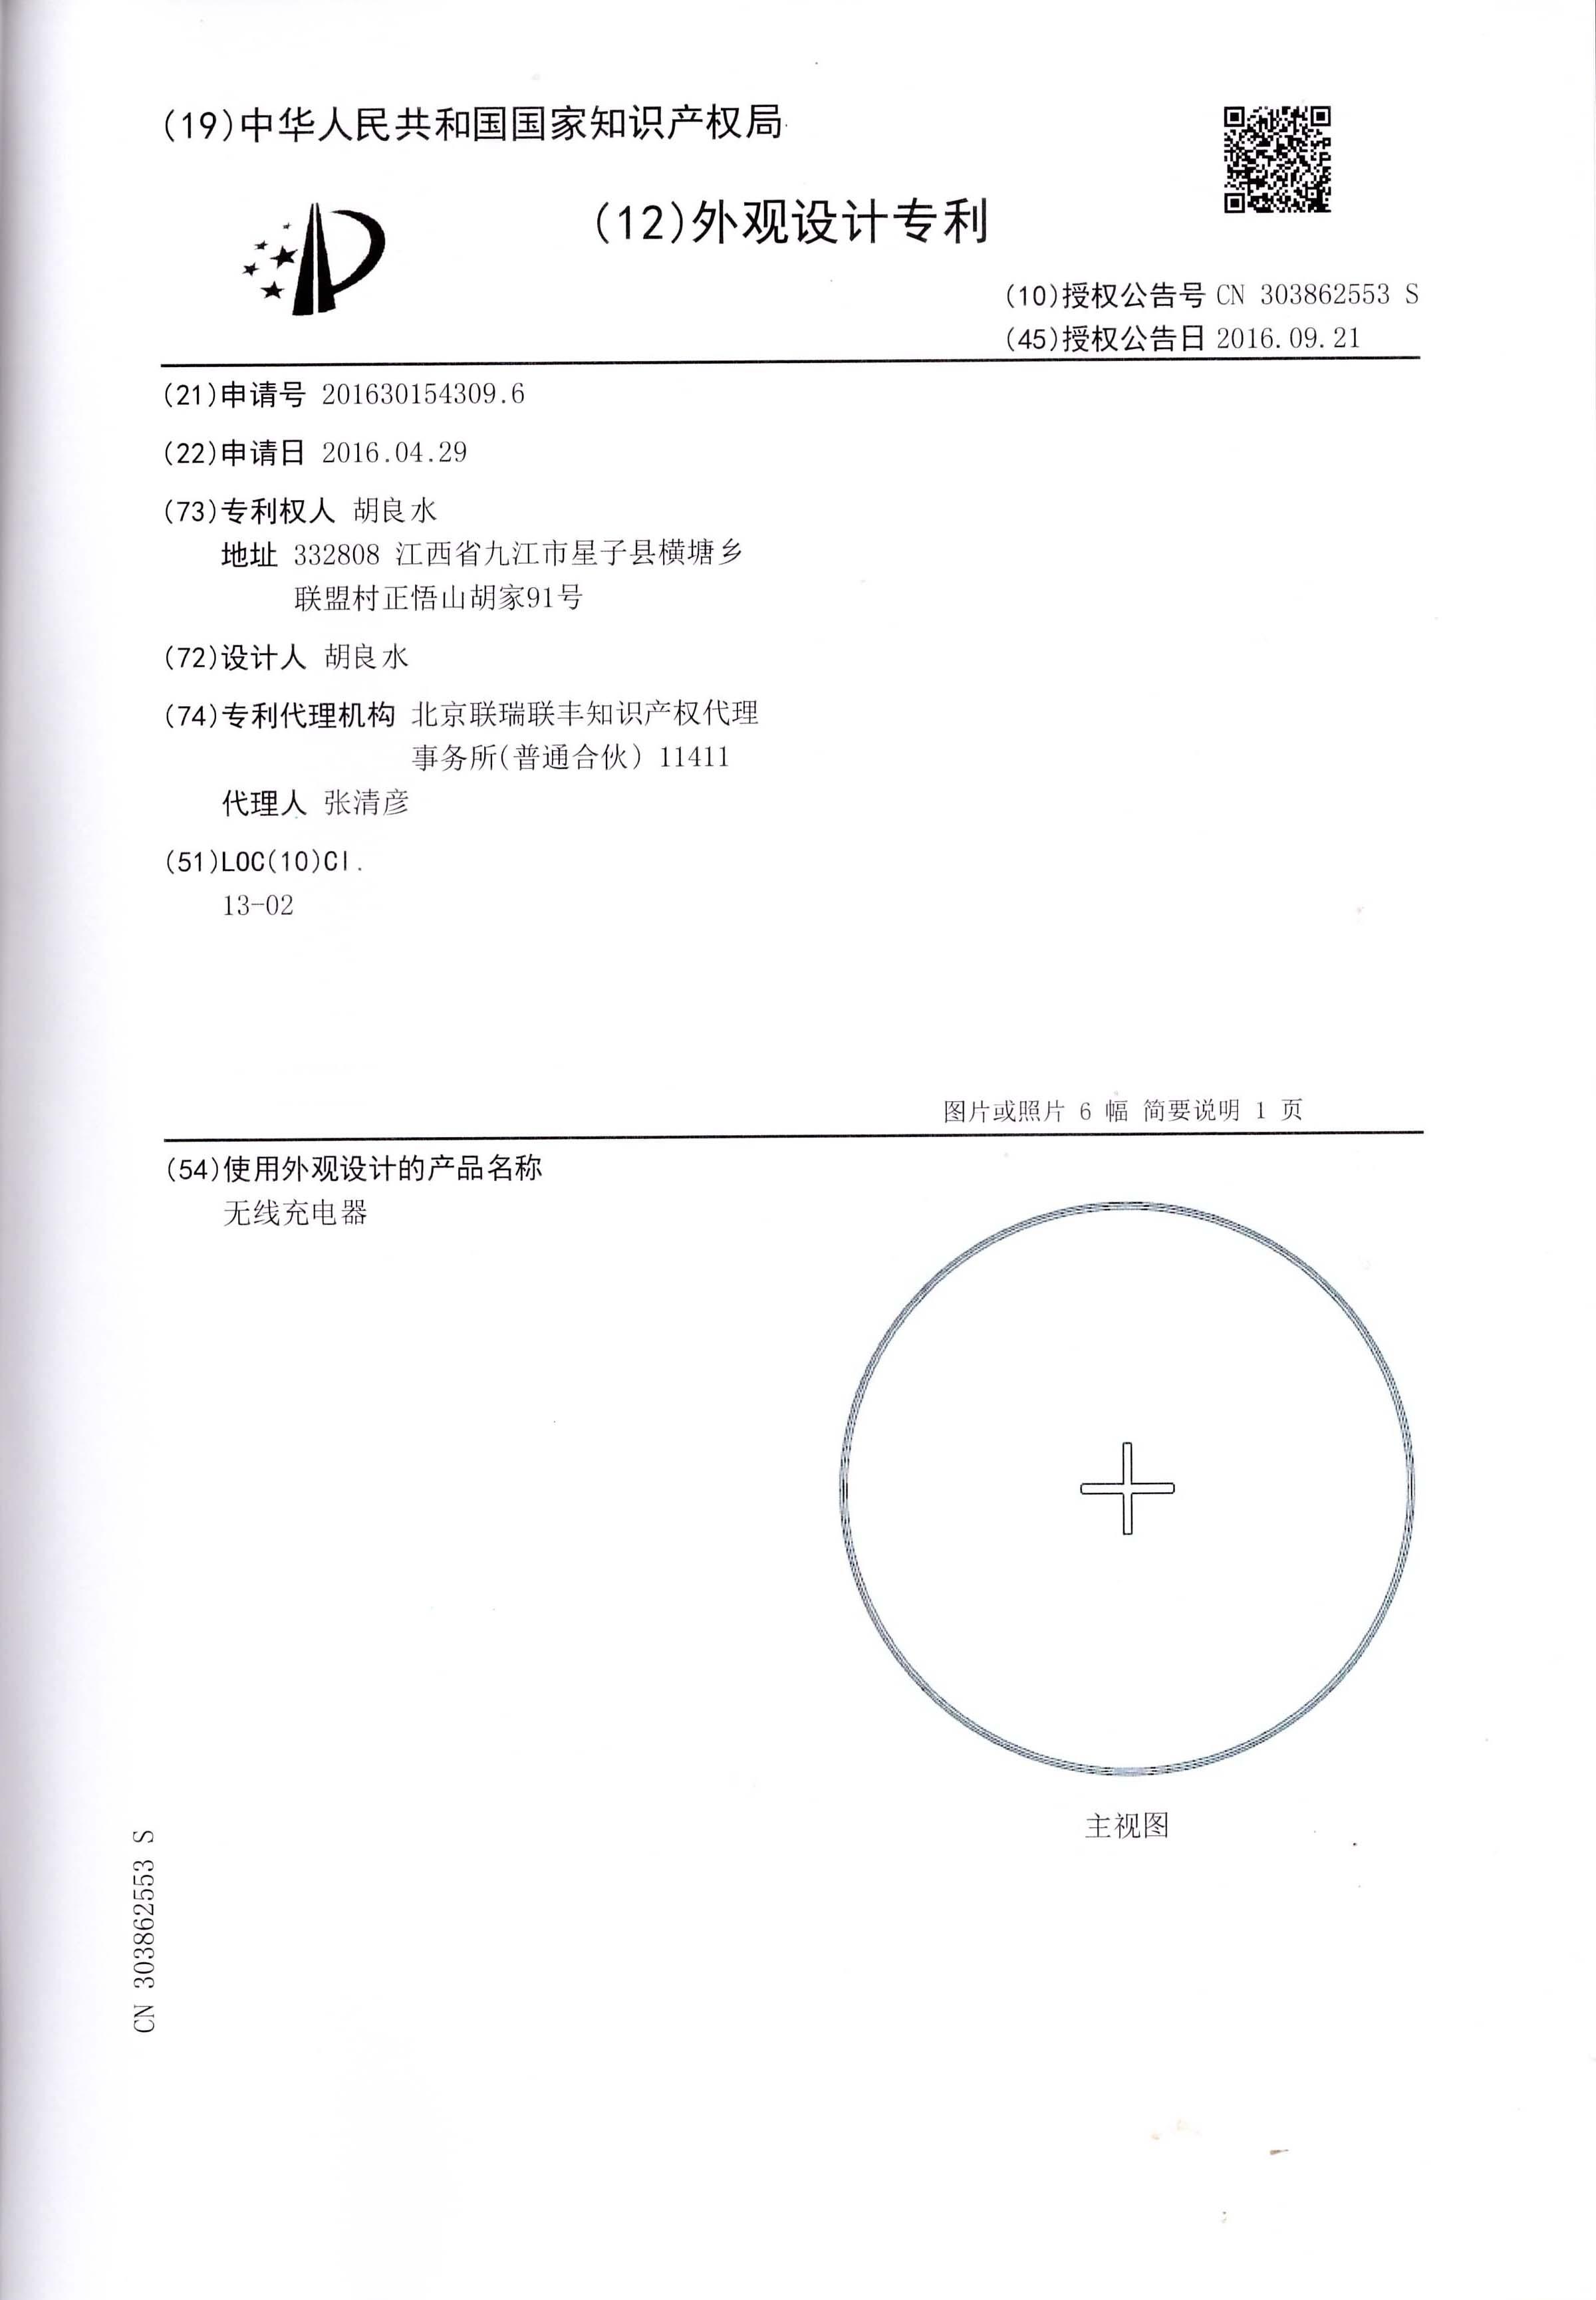 Design patent 03